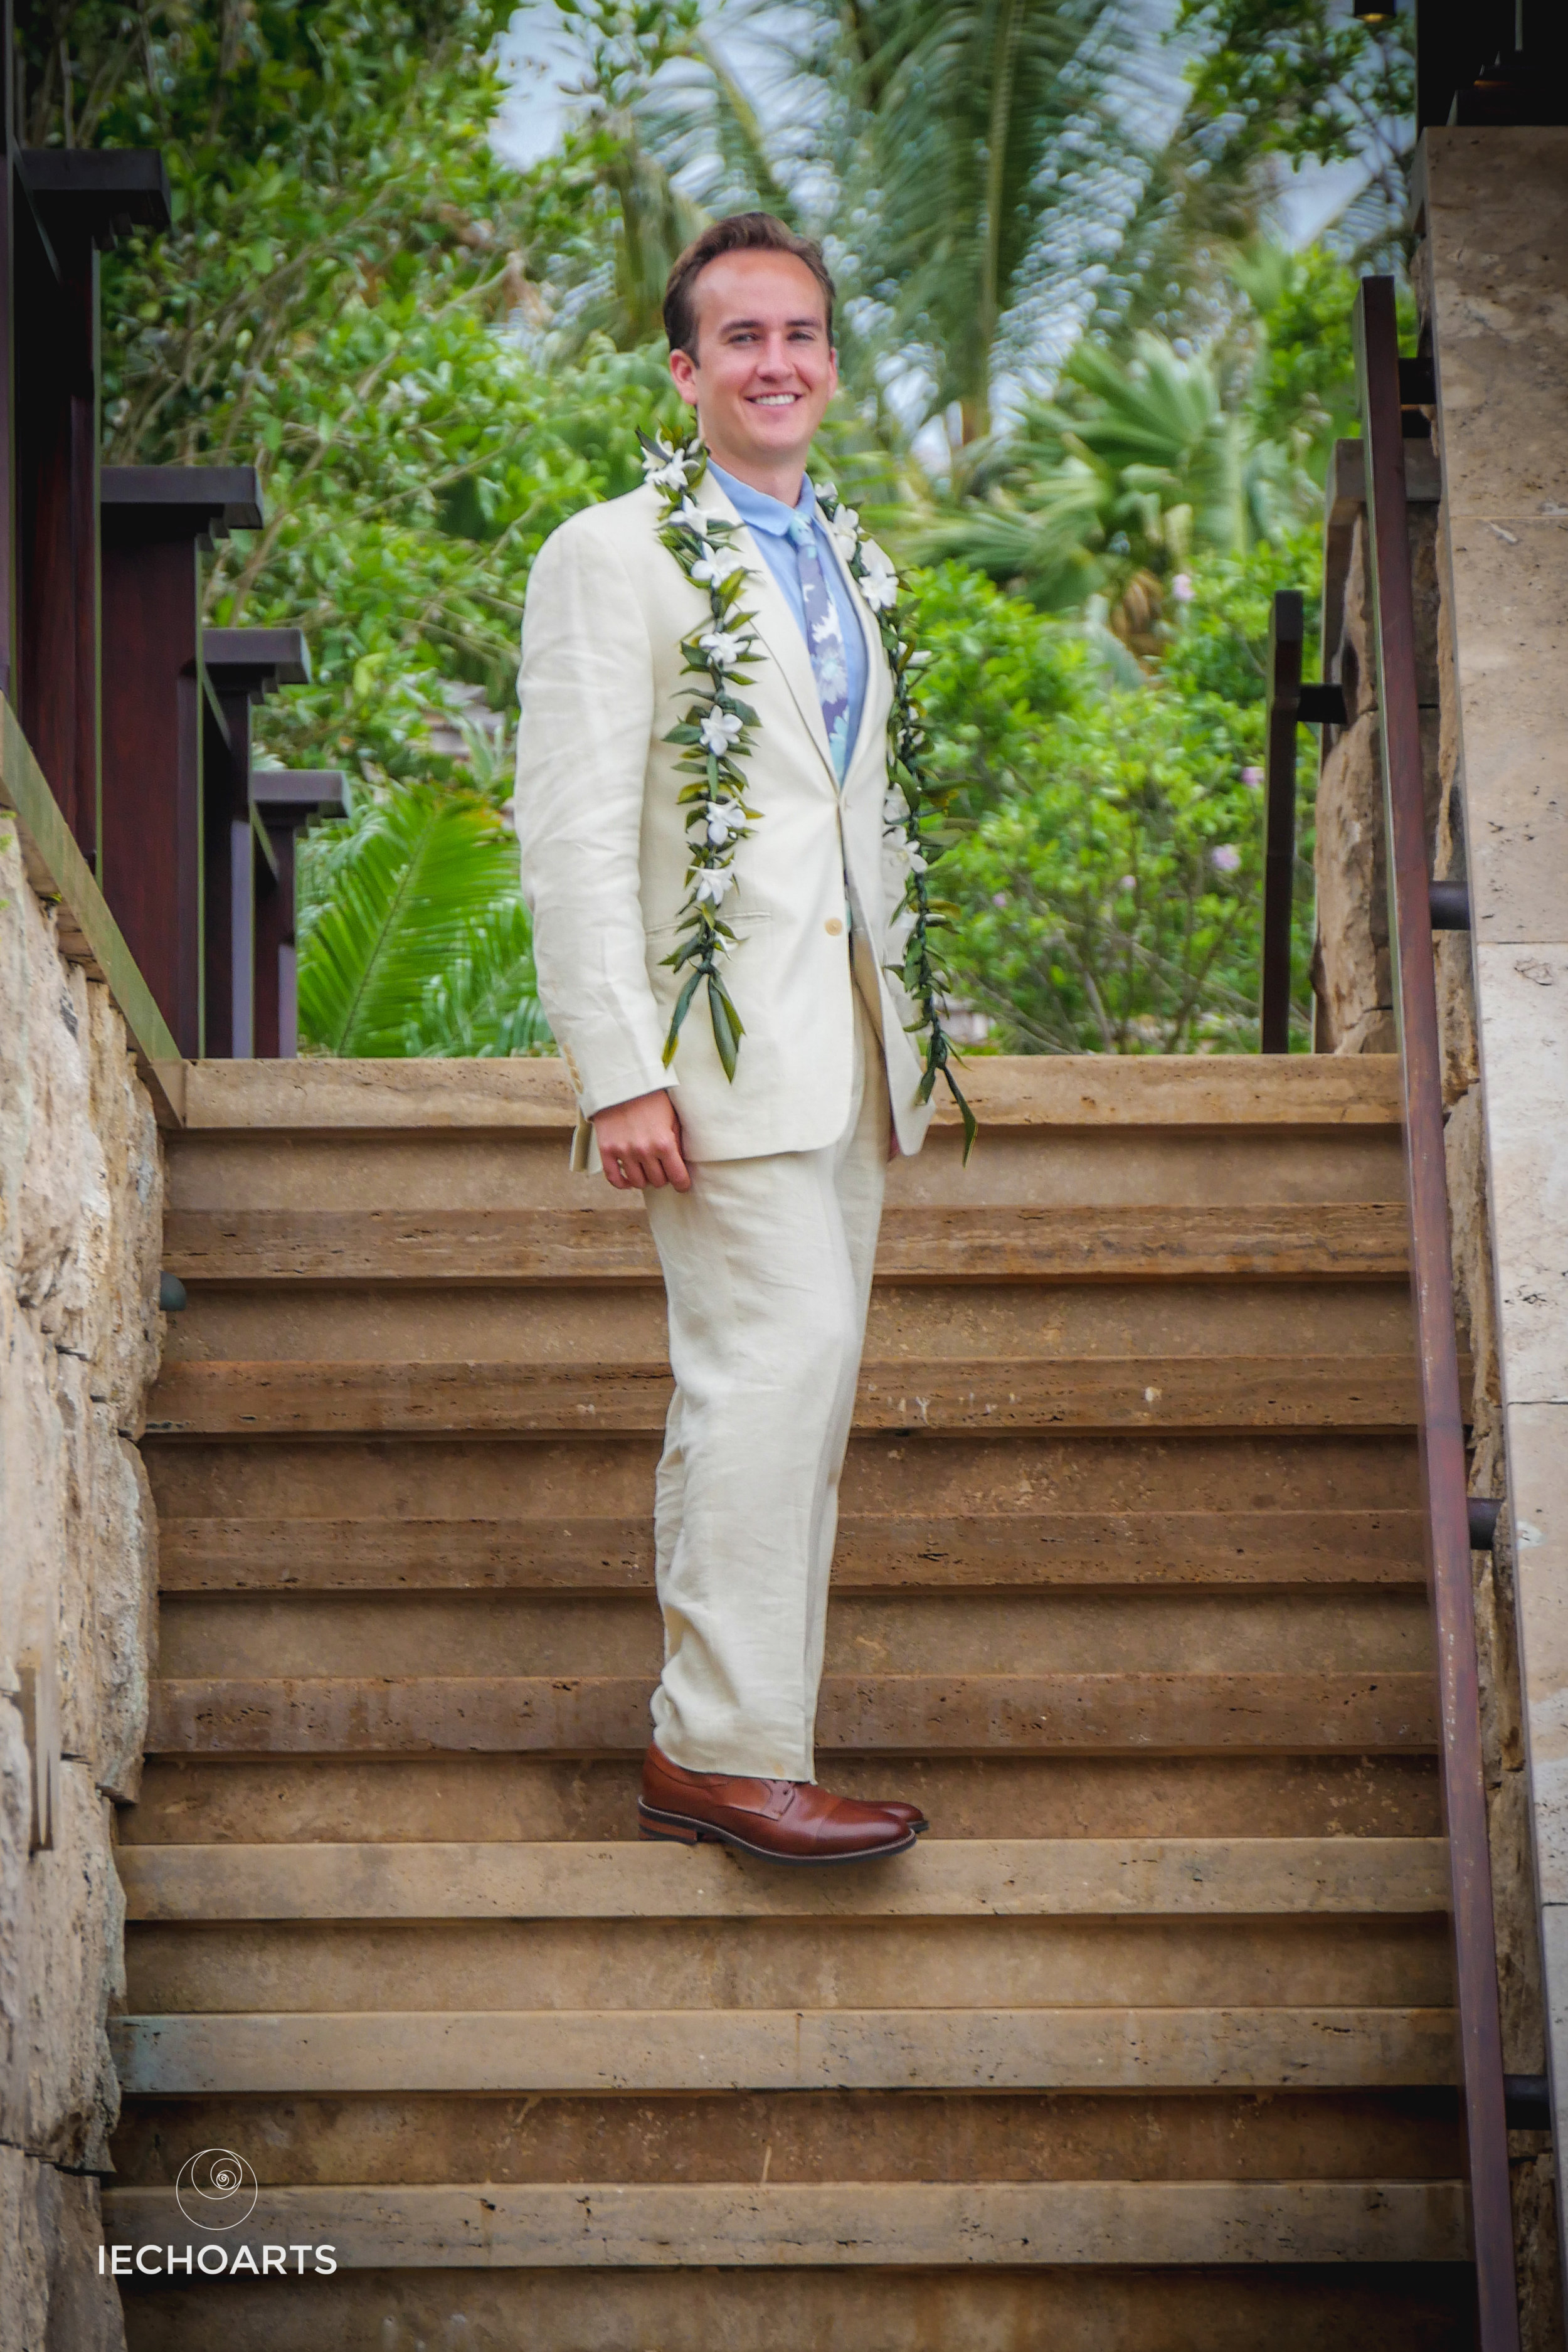 IEcho Arts wedding-1290985.jpg